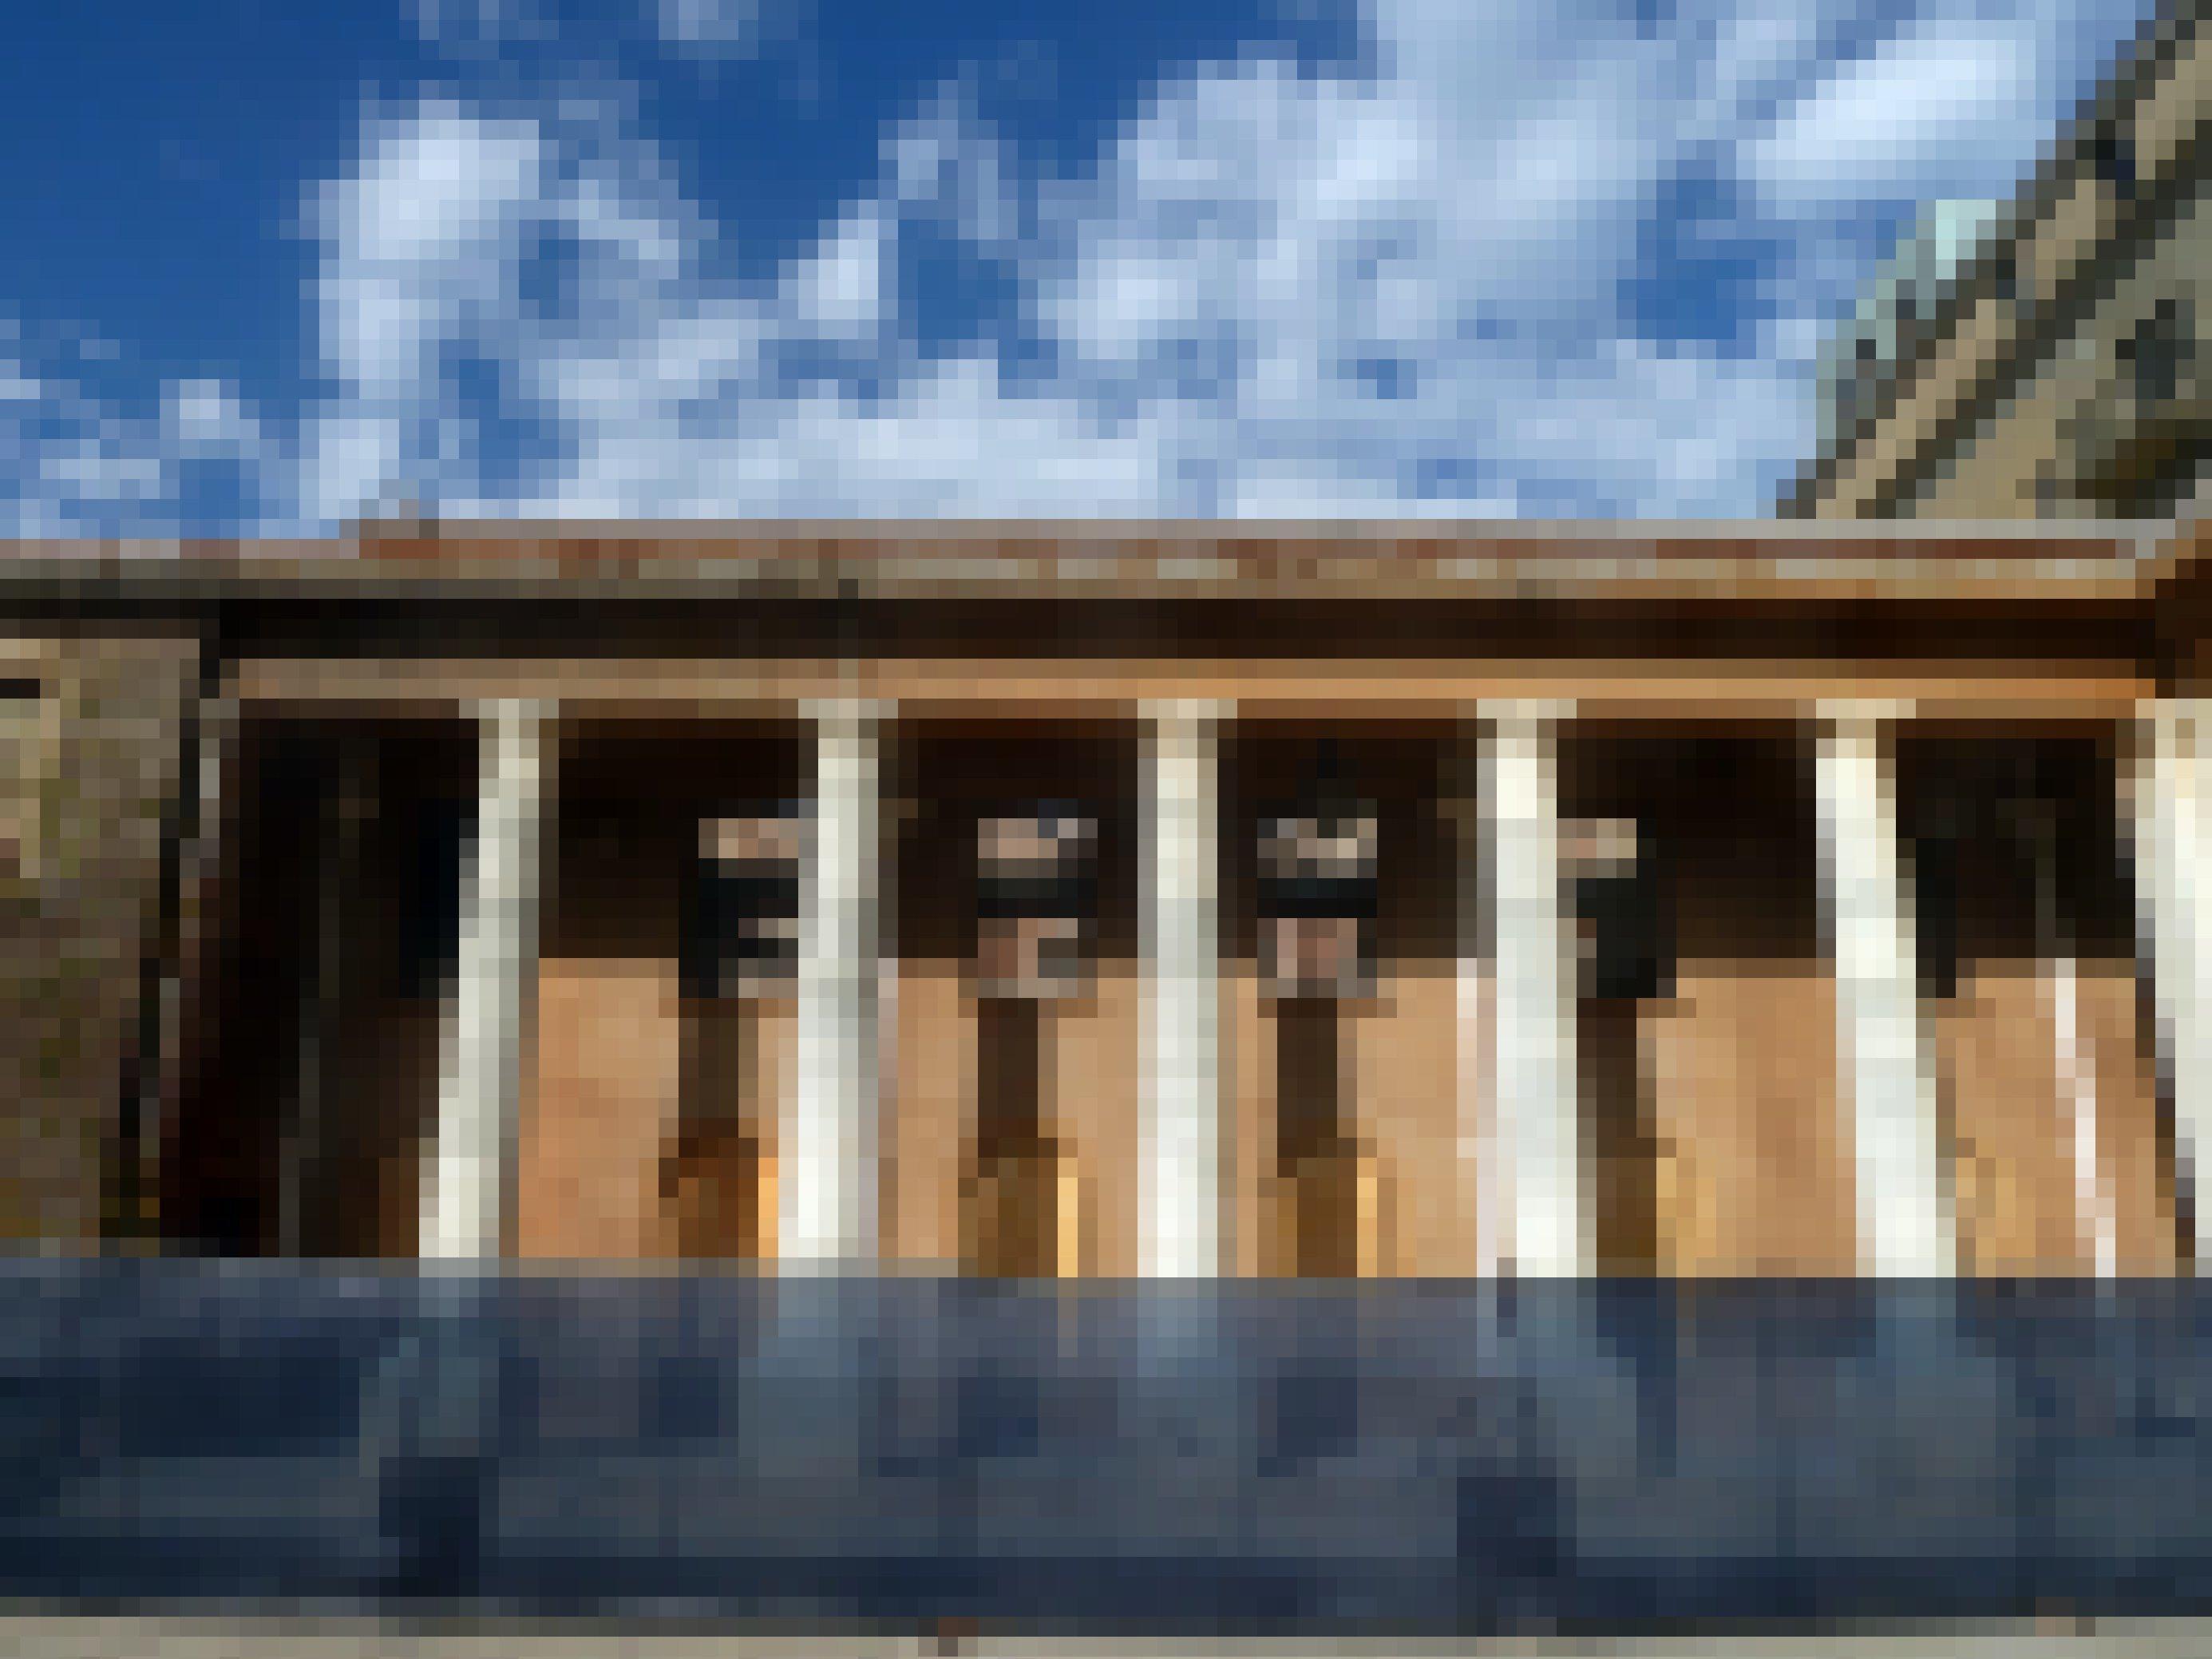 Geblieben sind nur die Säulen des historischen Gebäudes, es ist abgesperrt, die Fenster vernagelt